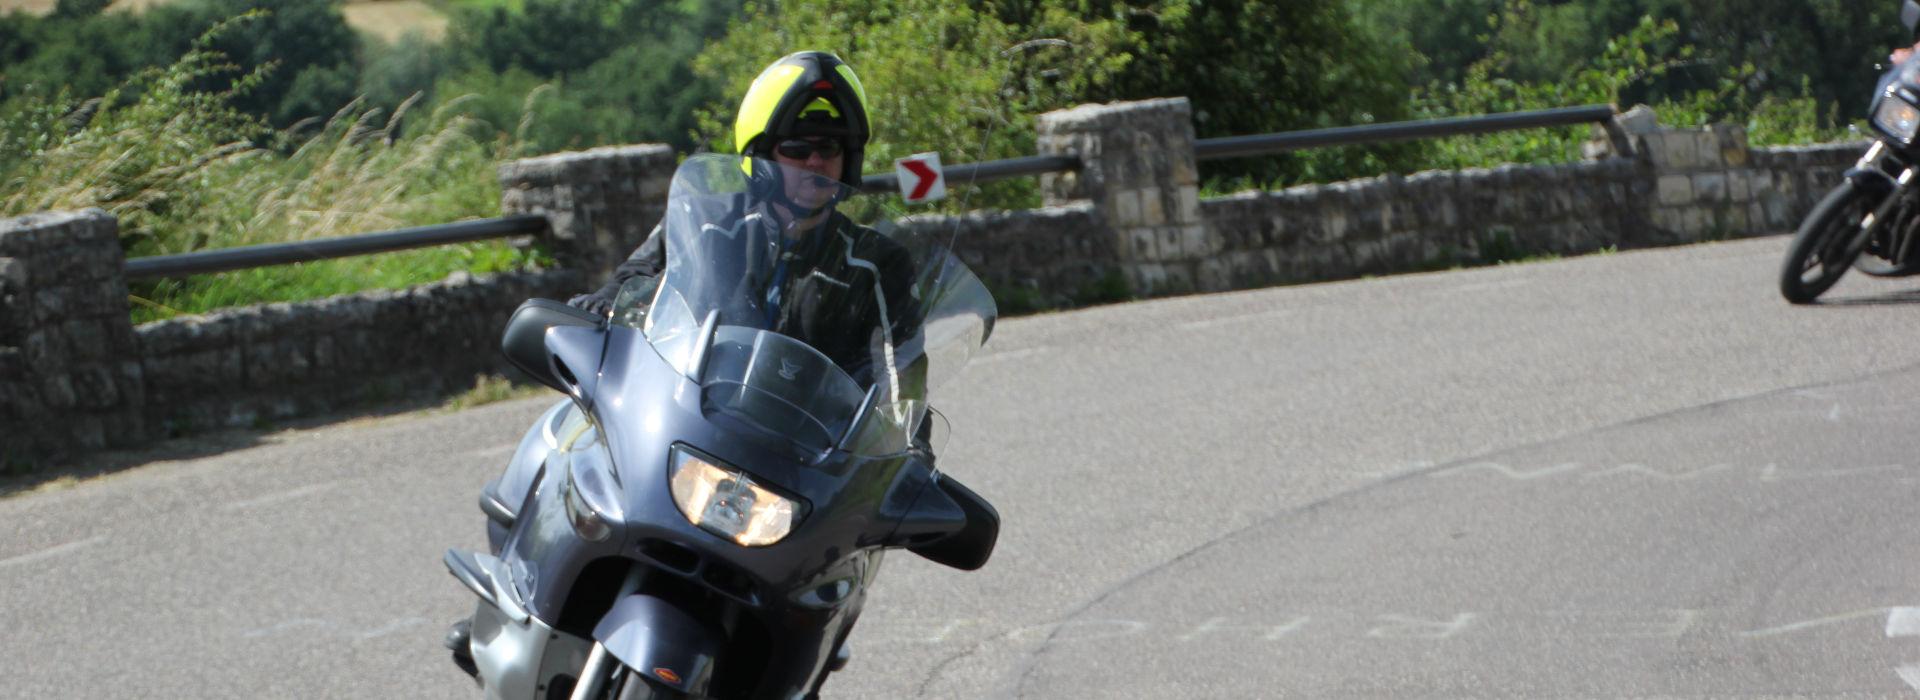 Motorrijbewijspoint Hardinxveld spoedcursus motorrijbewijs